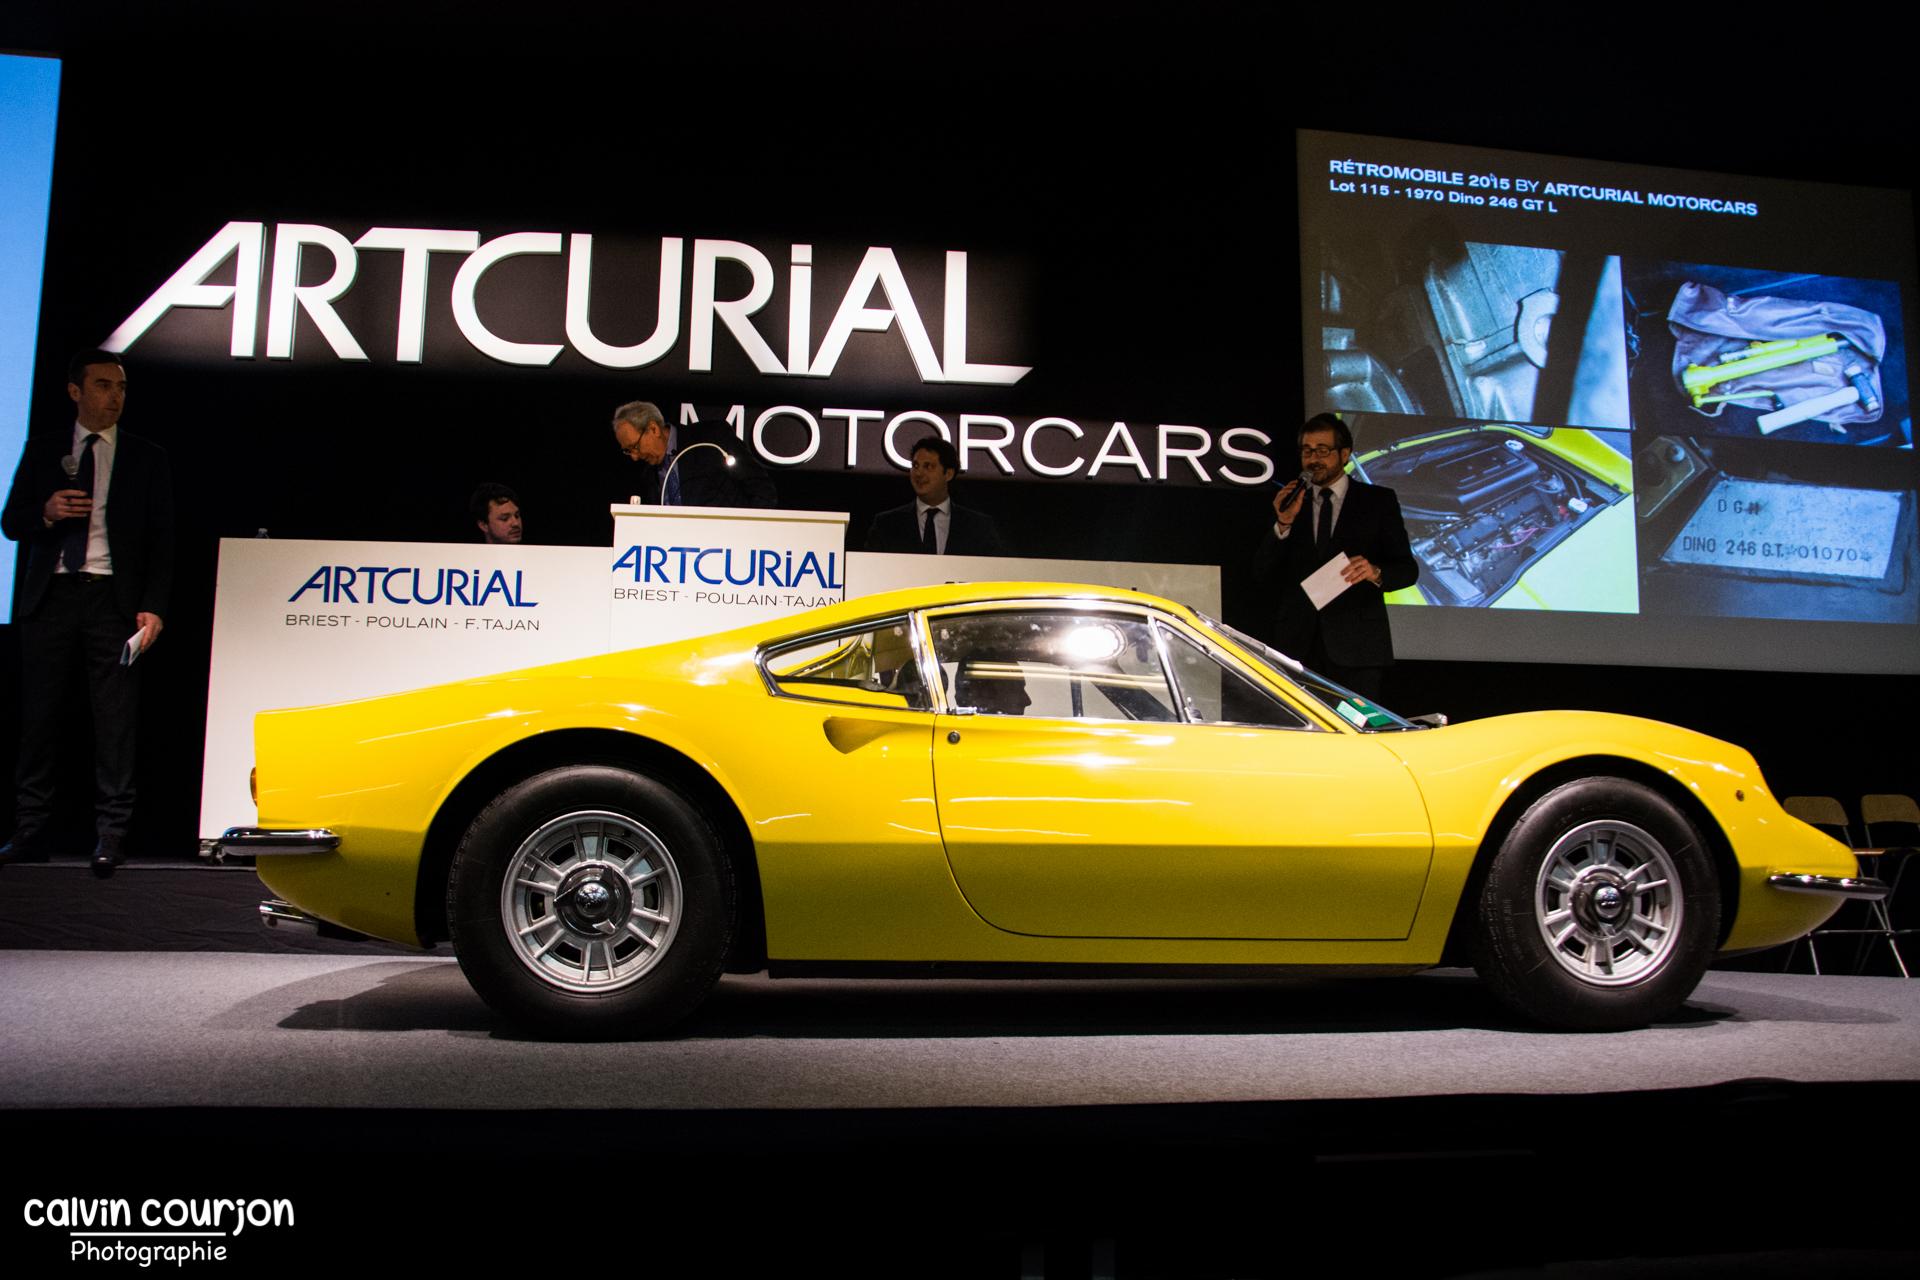 1970 Dino 246 GT L - Calvin Courjon Photographie